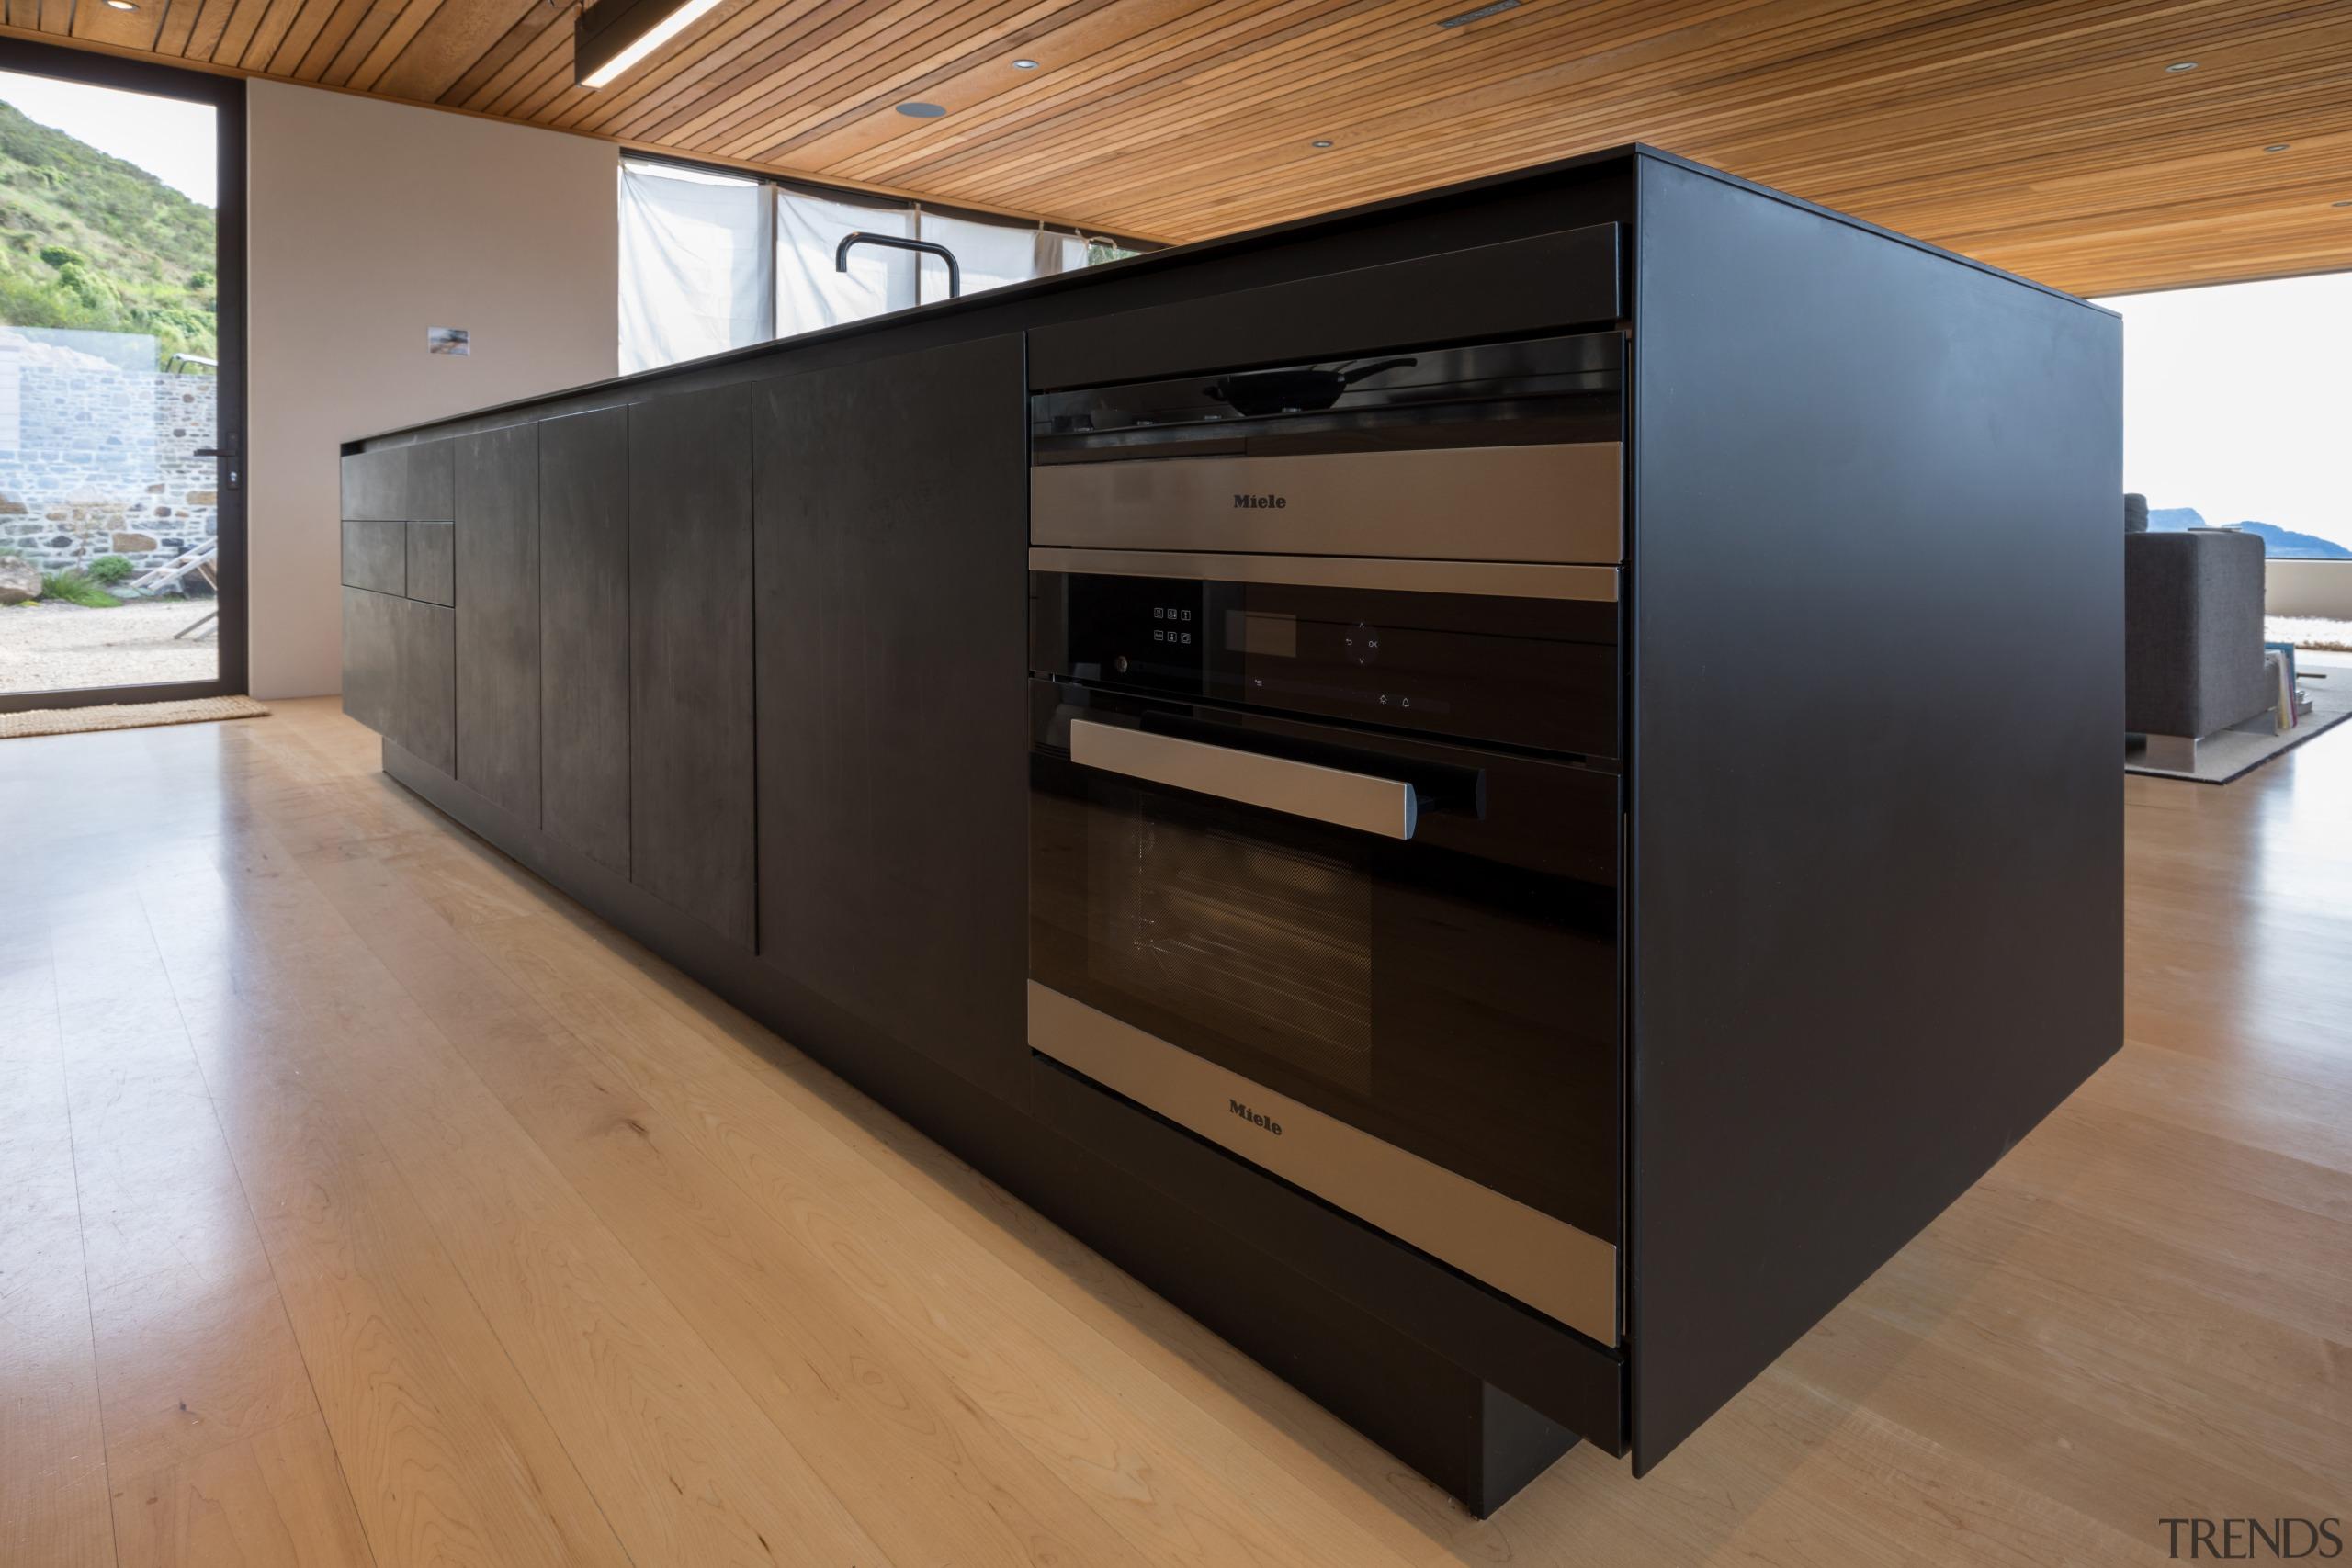 The main black surface is viewed on entering floor, flooring, furniture, wood, black, brown